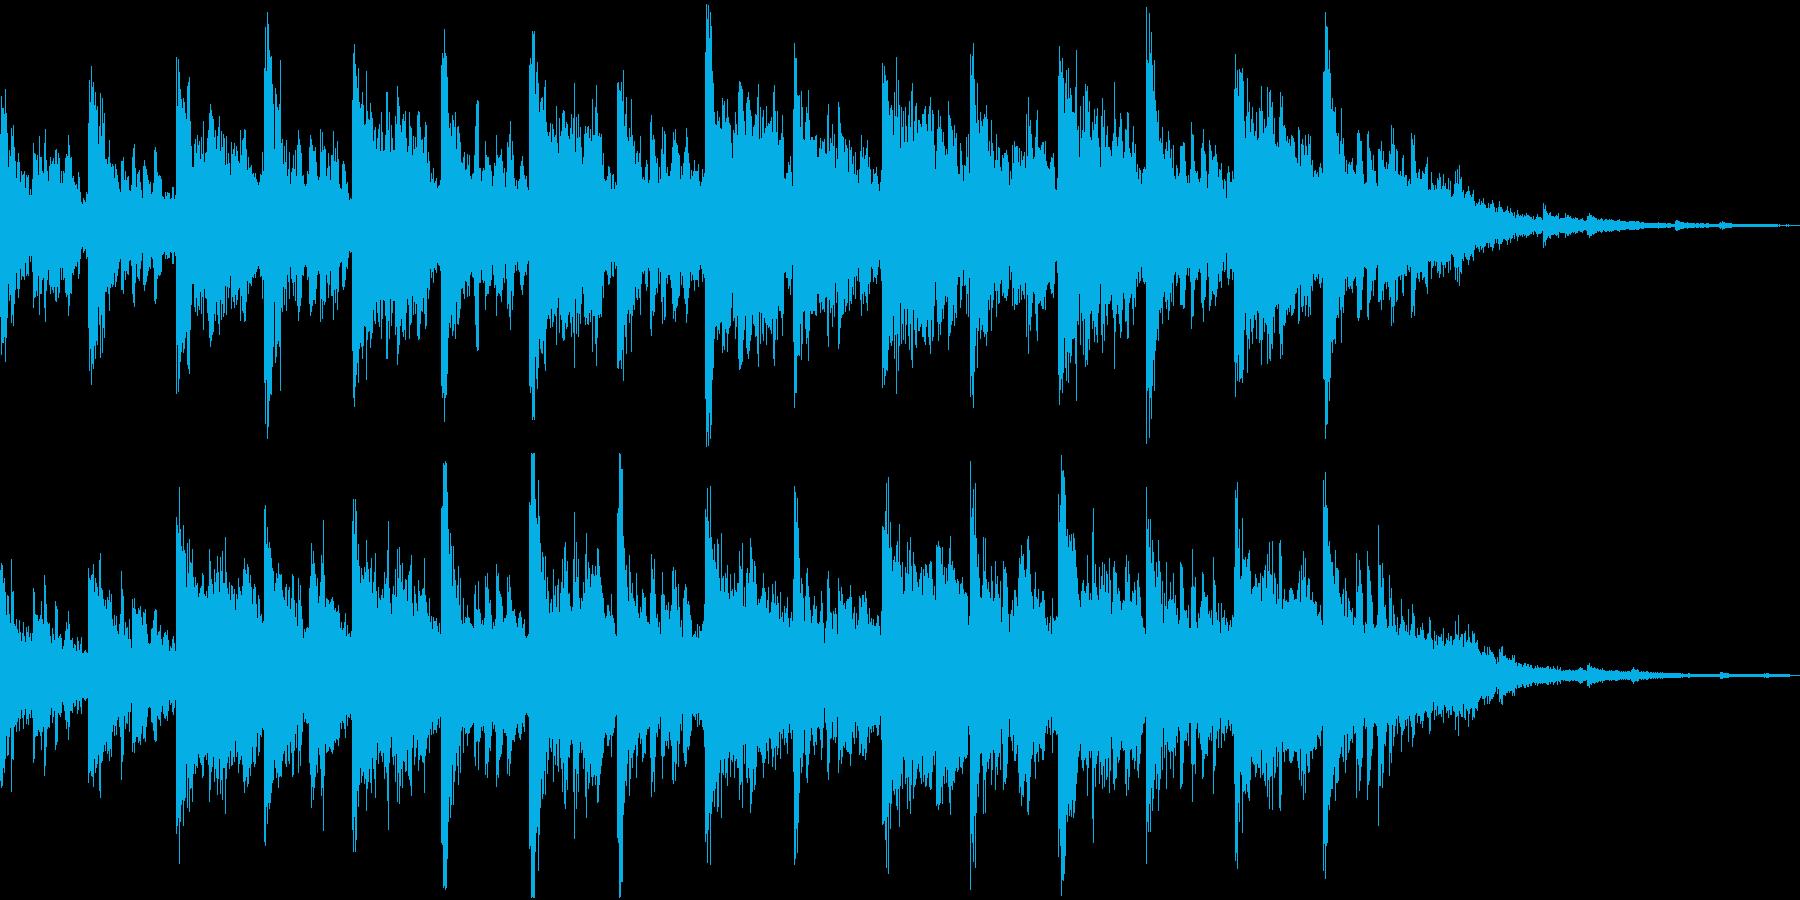 和風なシンセジングルの再生済みの波形